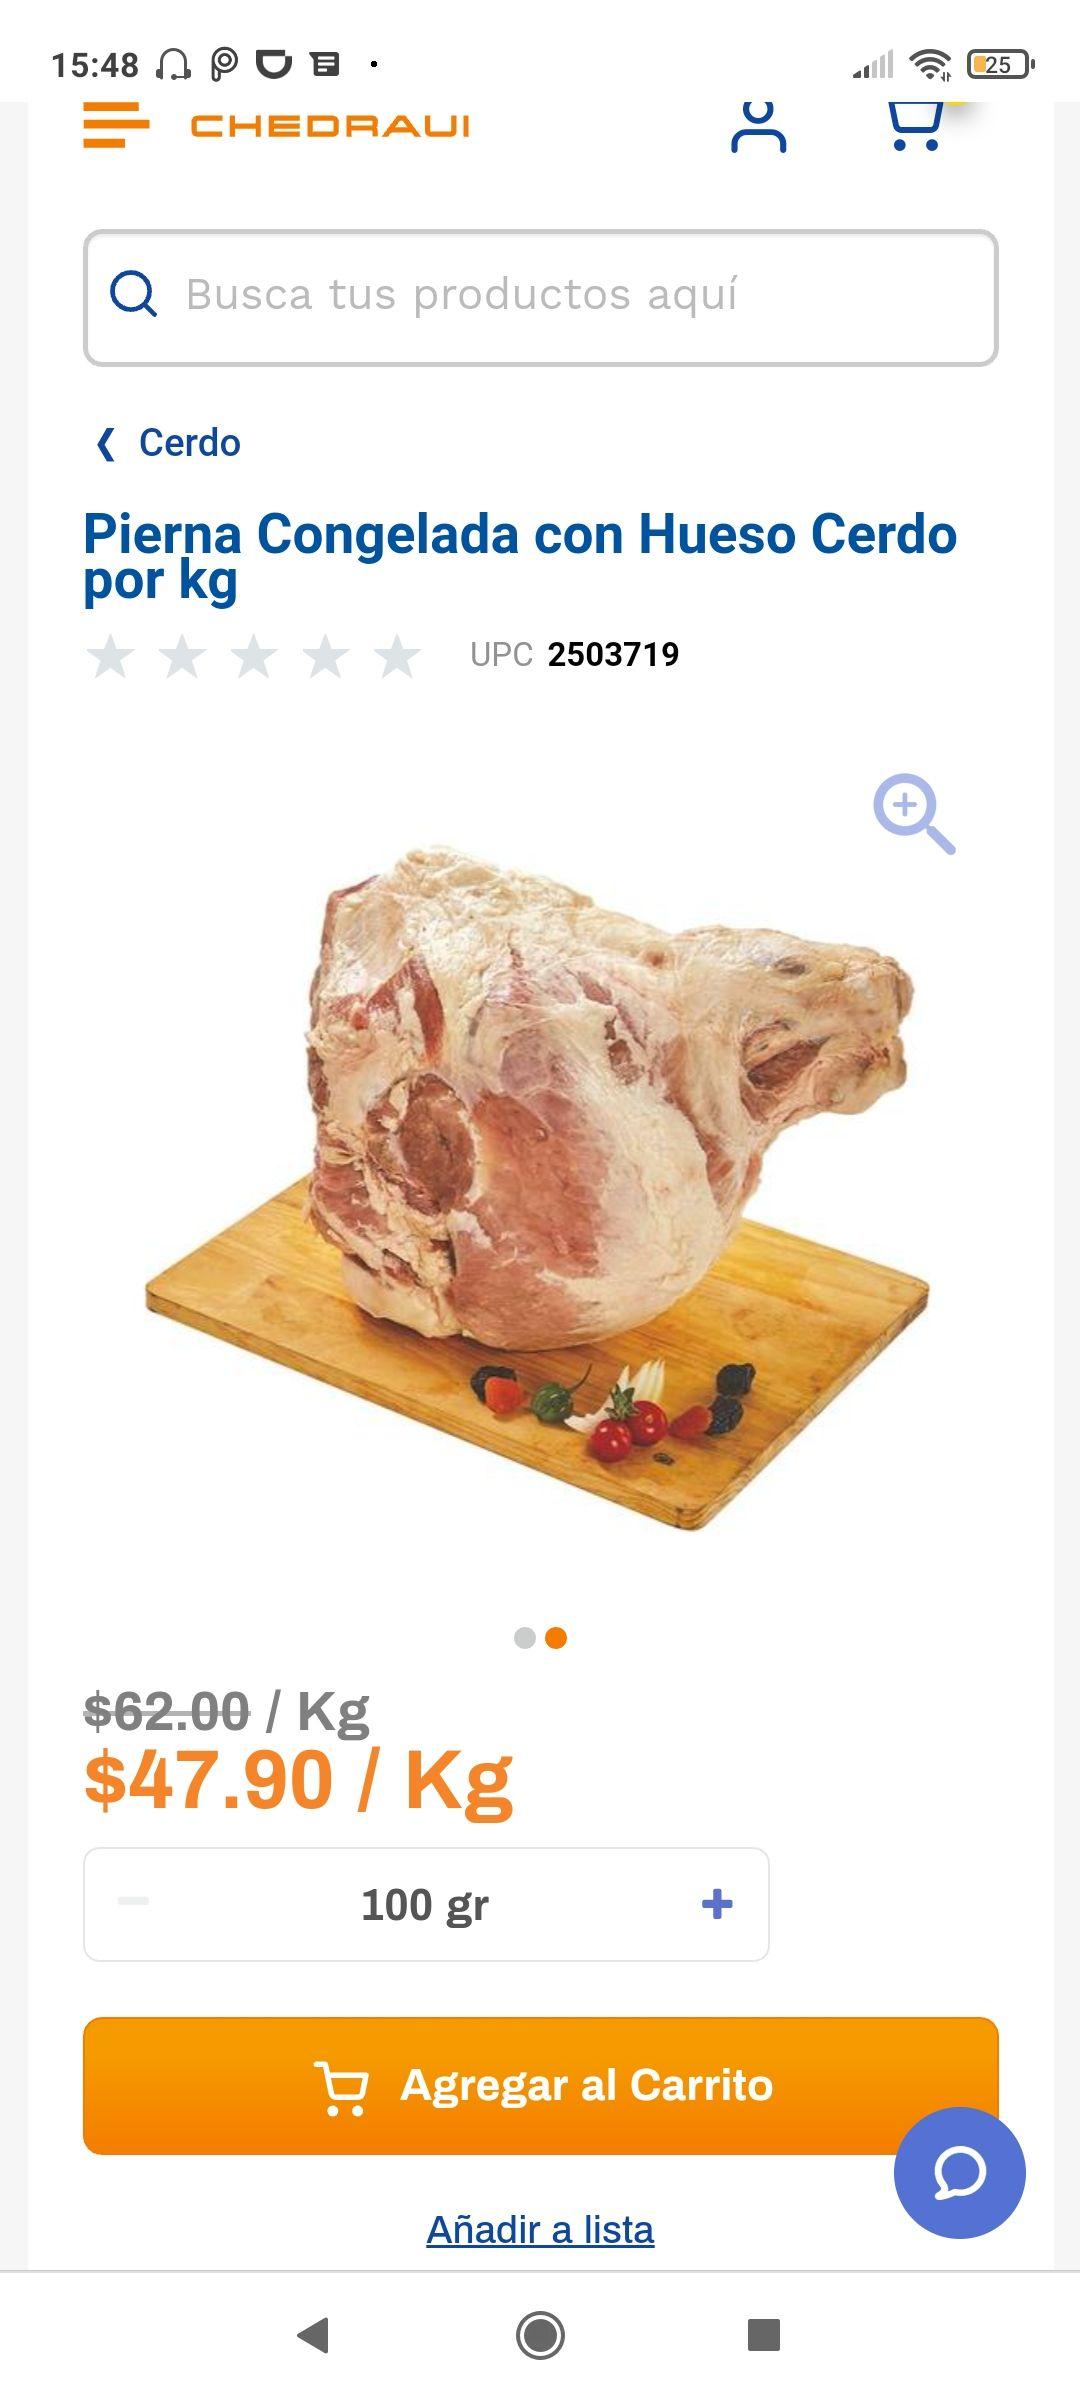 Chedraui Pierna Congelada con Hueso Cerdo por kg